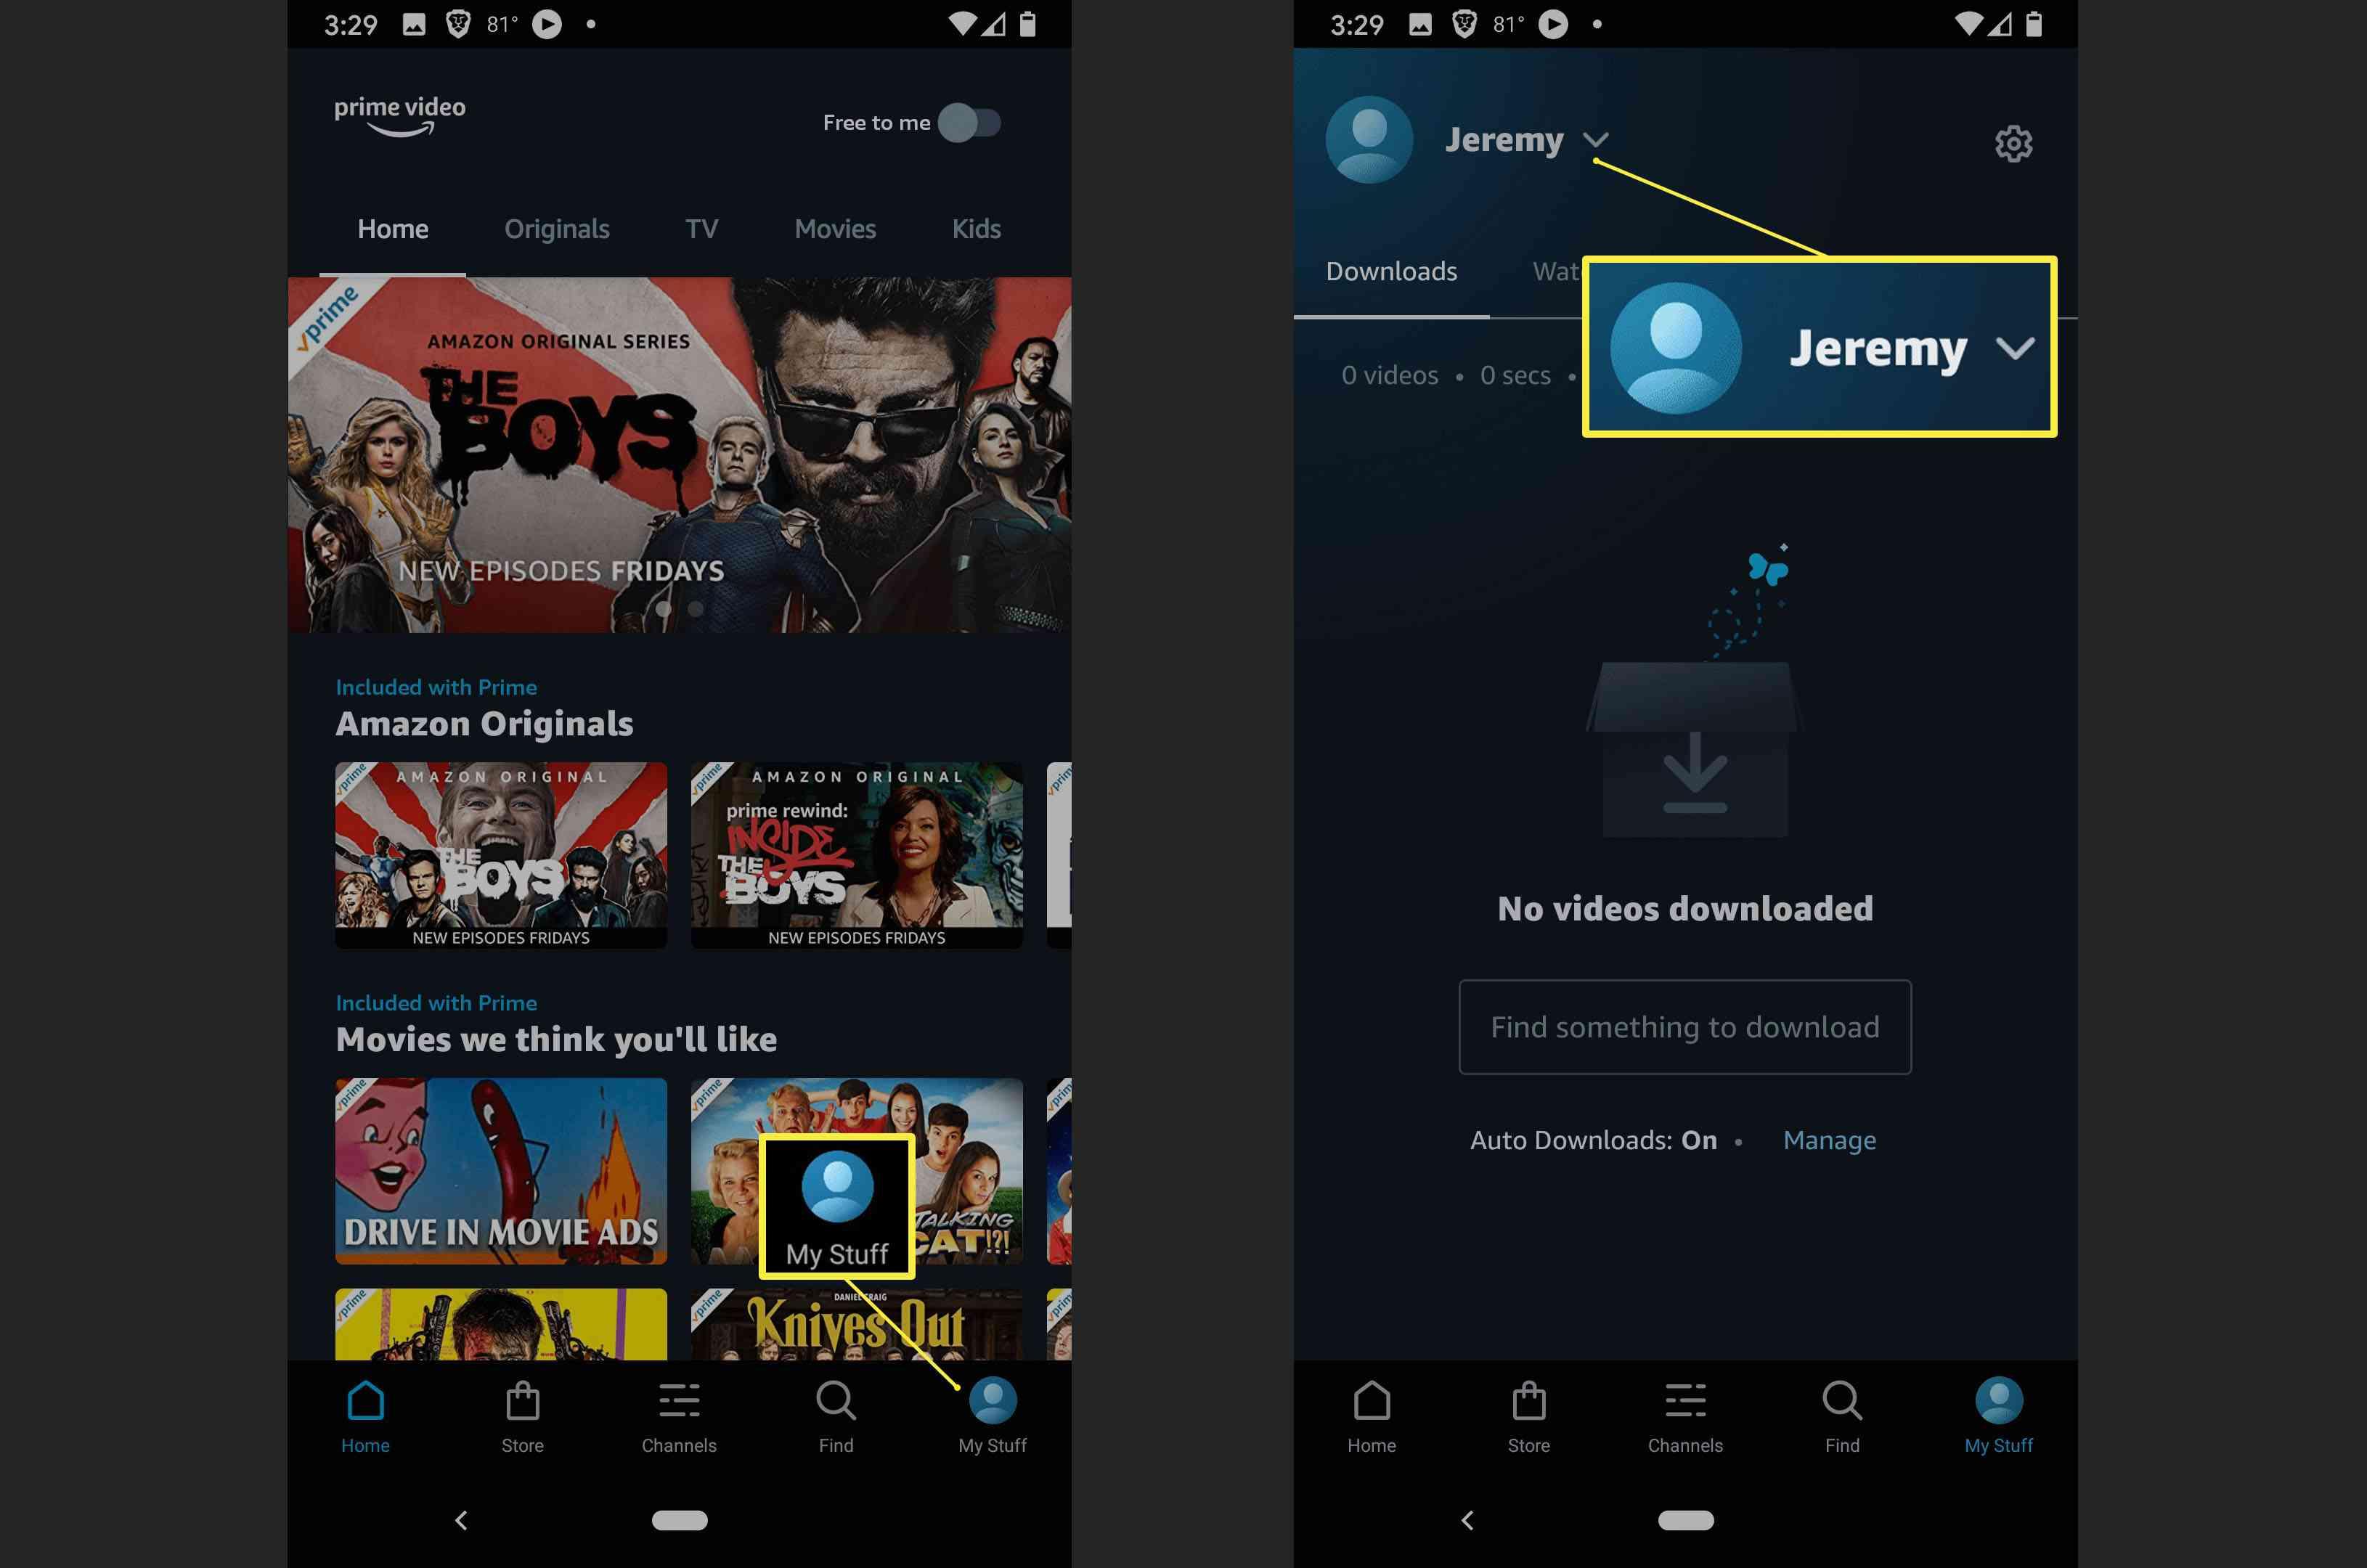 Amazon Prime Video's profile menu.